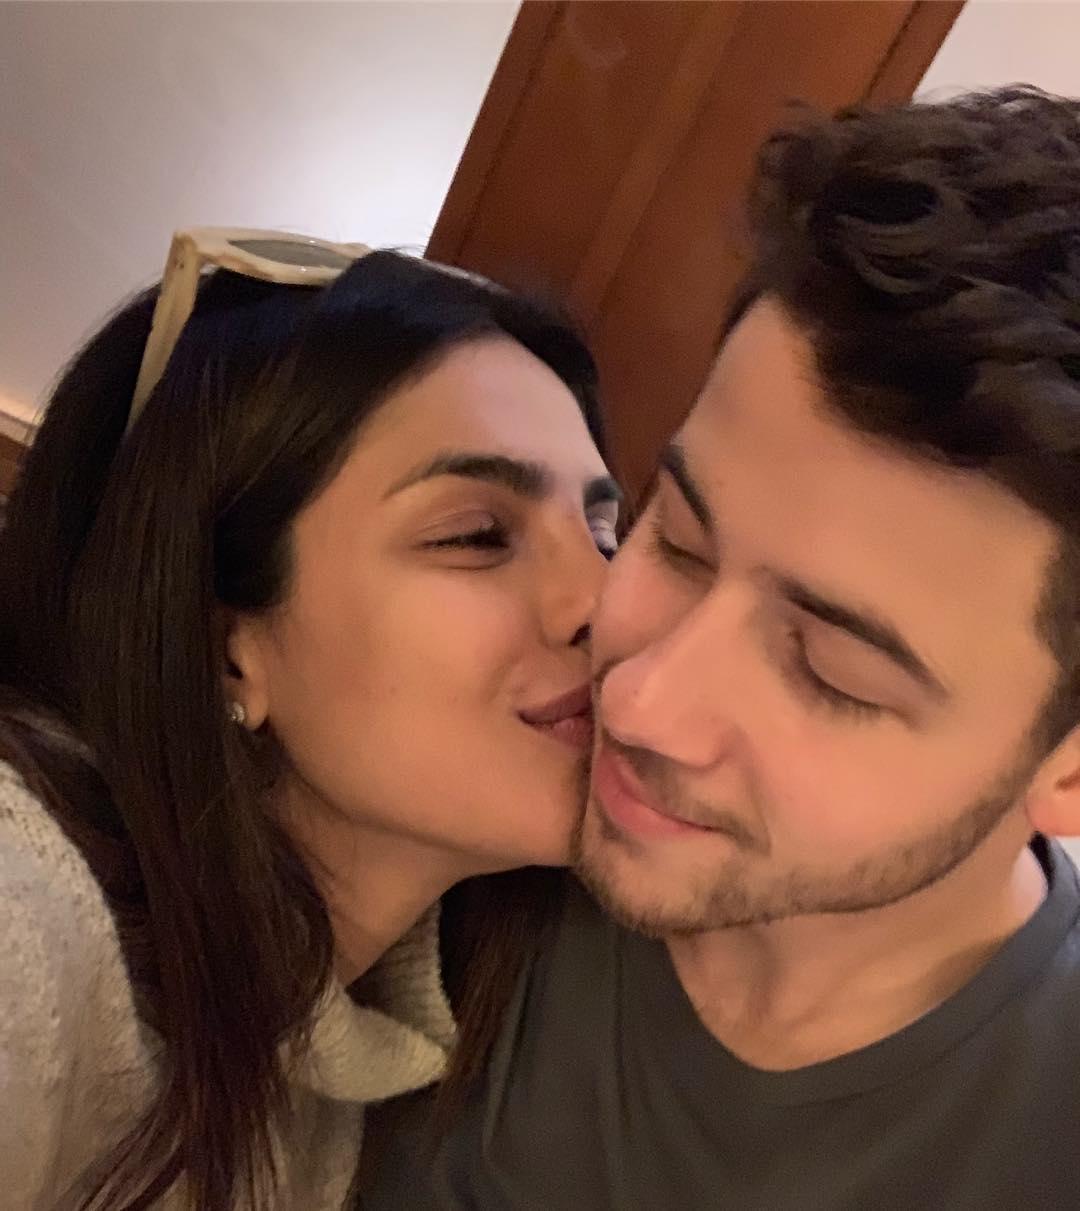 ये तस्वीर शेयर करते हुए प्रियंका ने लिखा, ग्रह के सबसे स्टाइलिश शख्स को किस करते हुए बेहद सम्मानित महसूस कर रही हूं.